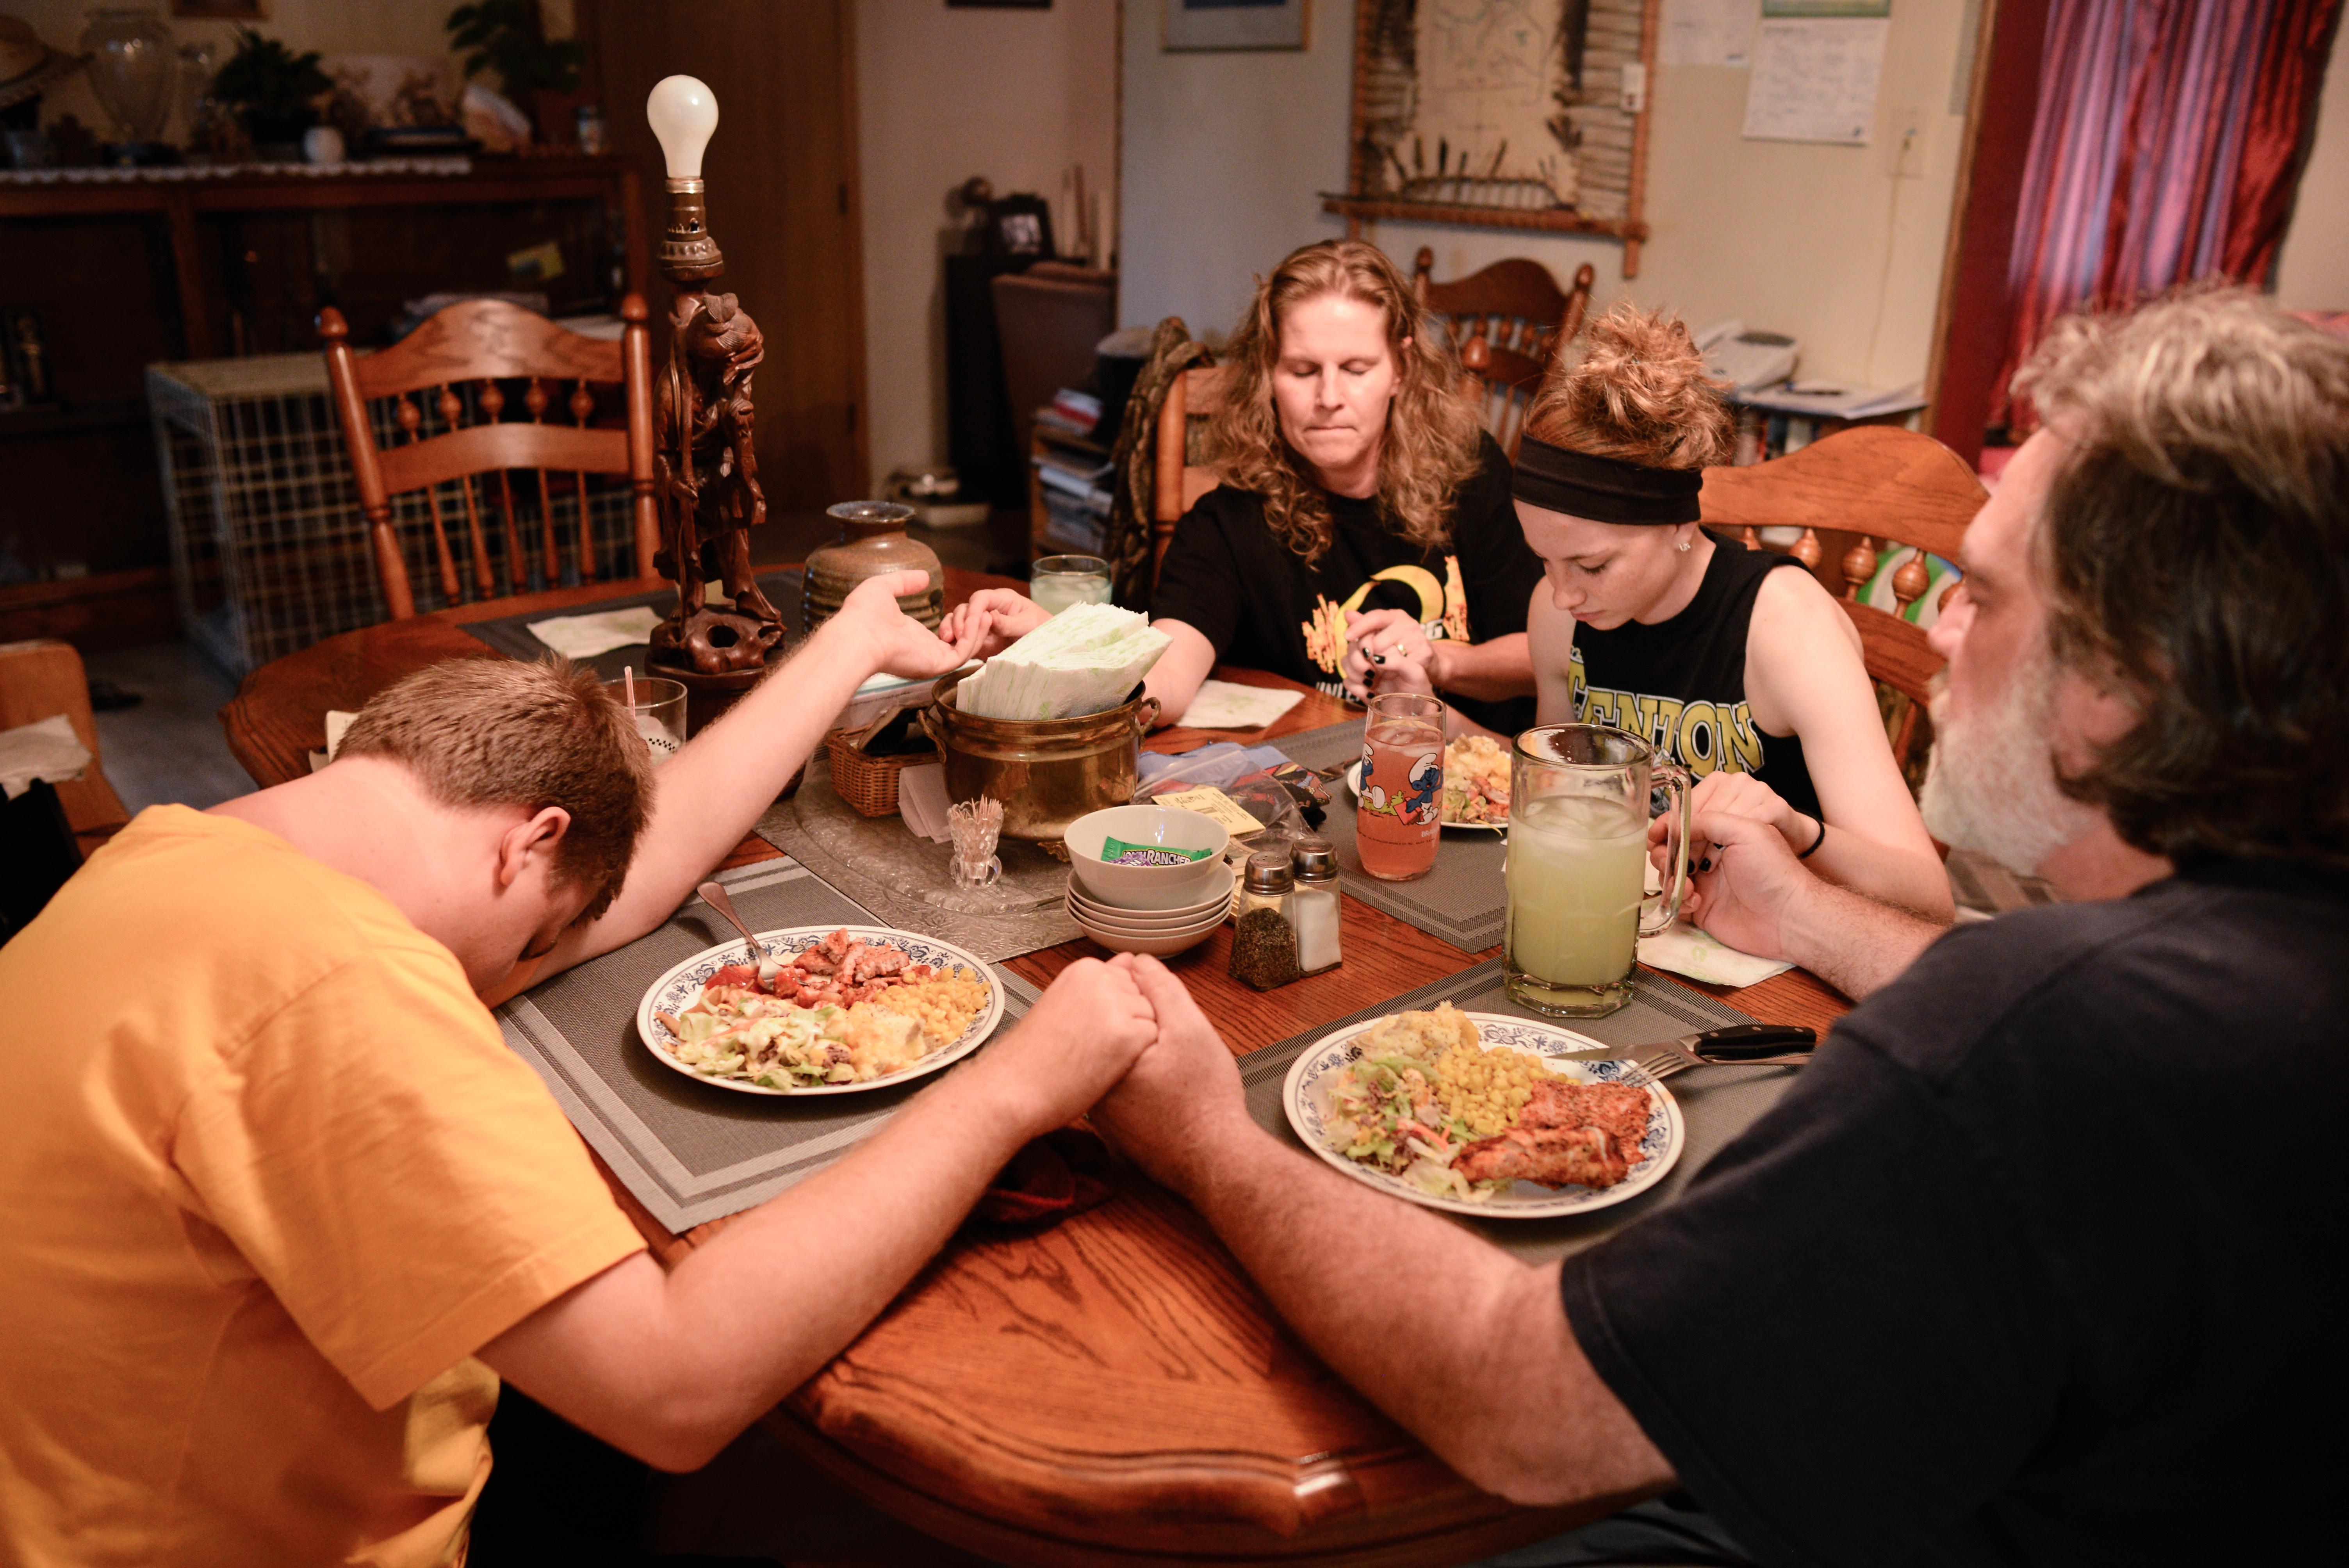 Trenton, Missouri. 2013.  The Trask family says grace before dinner.